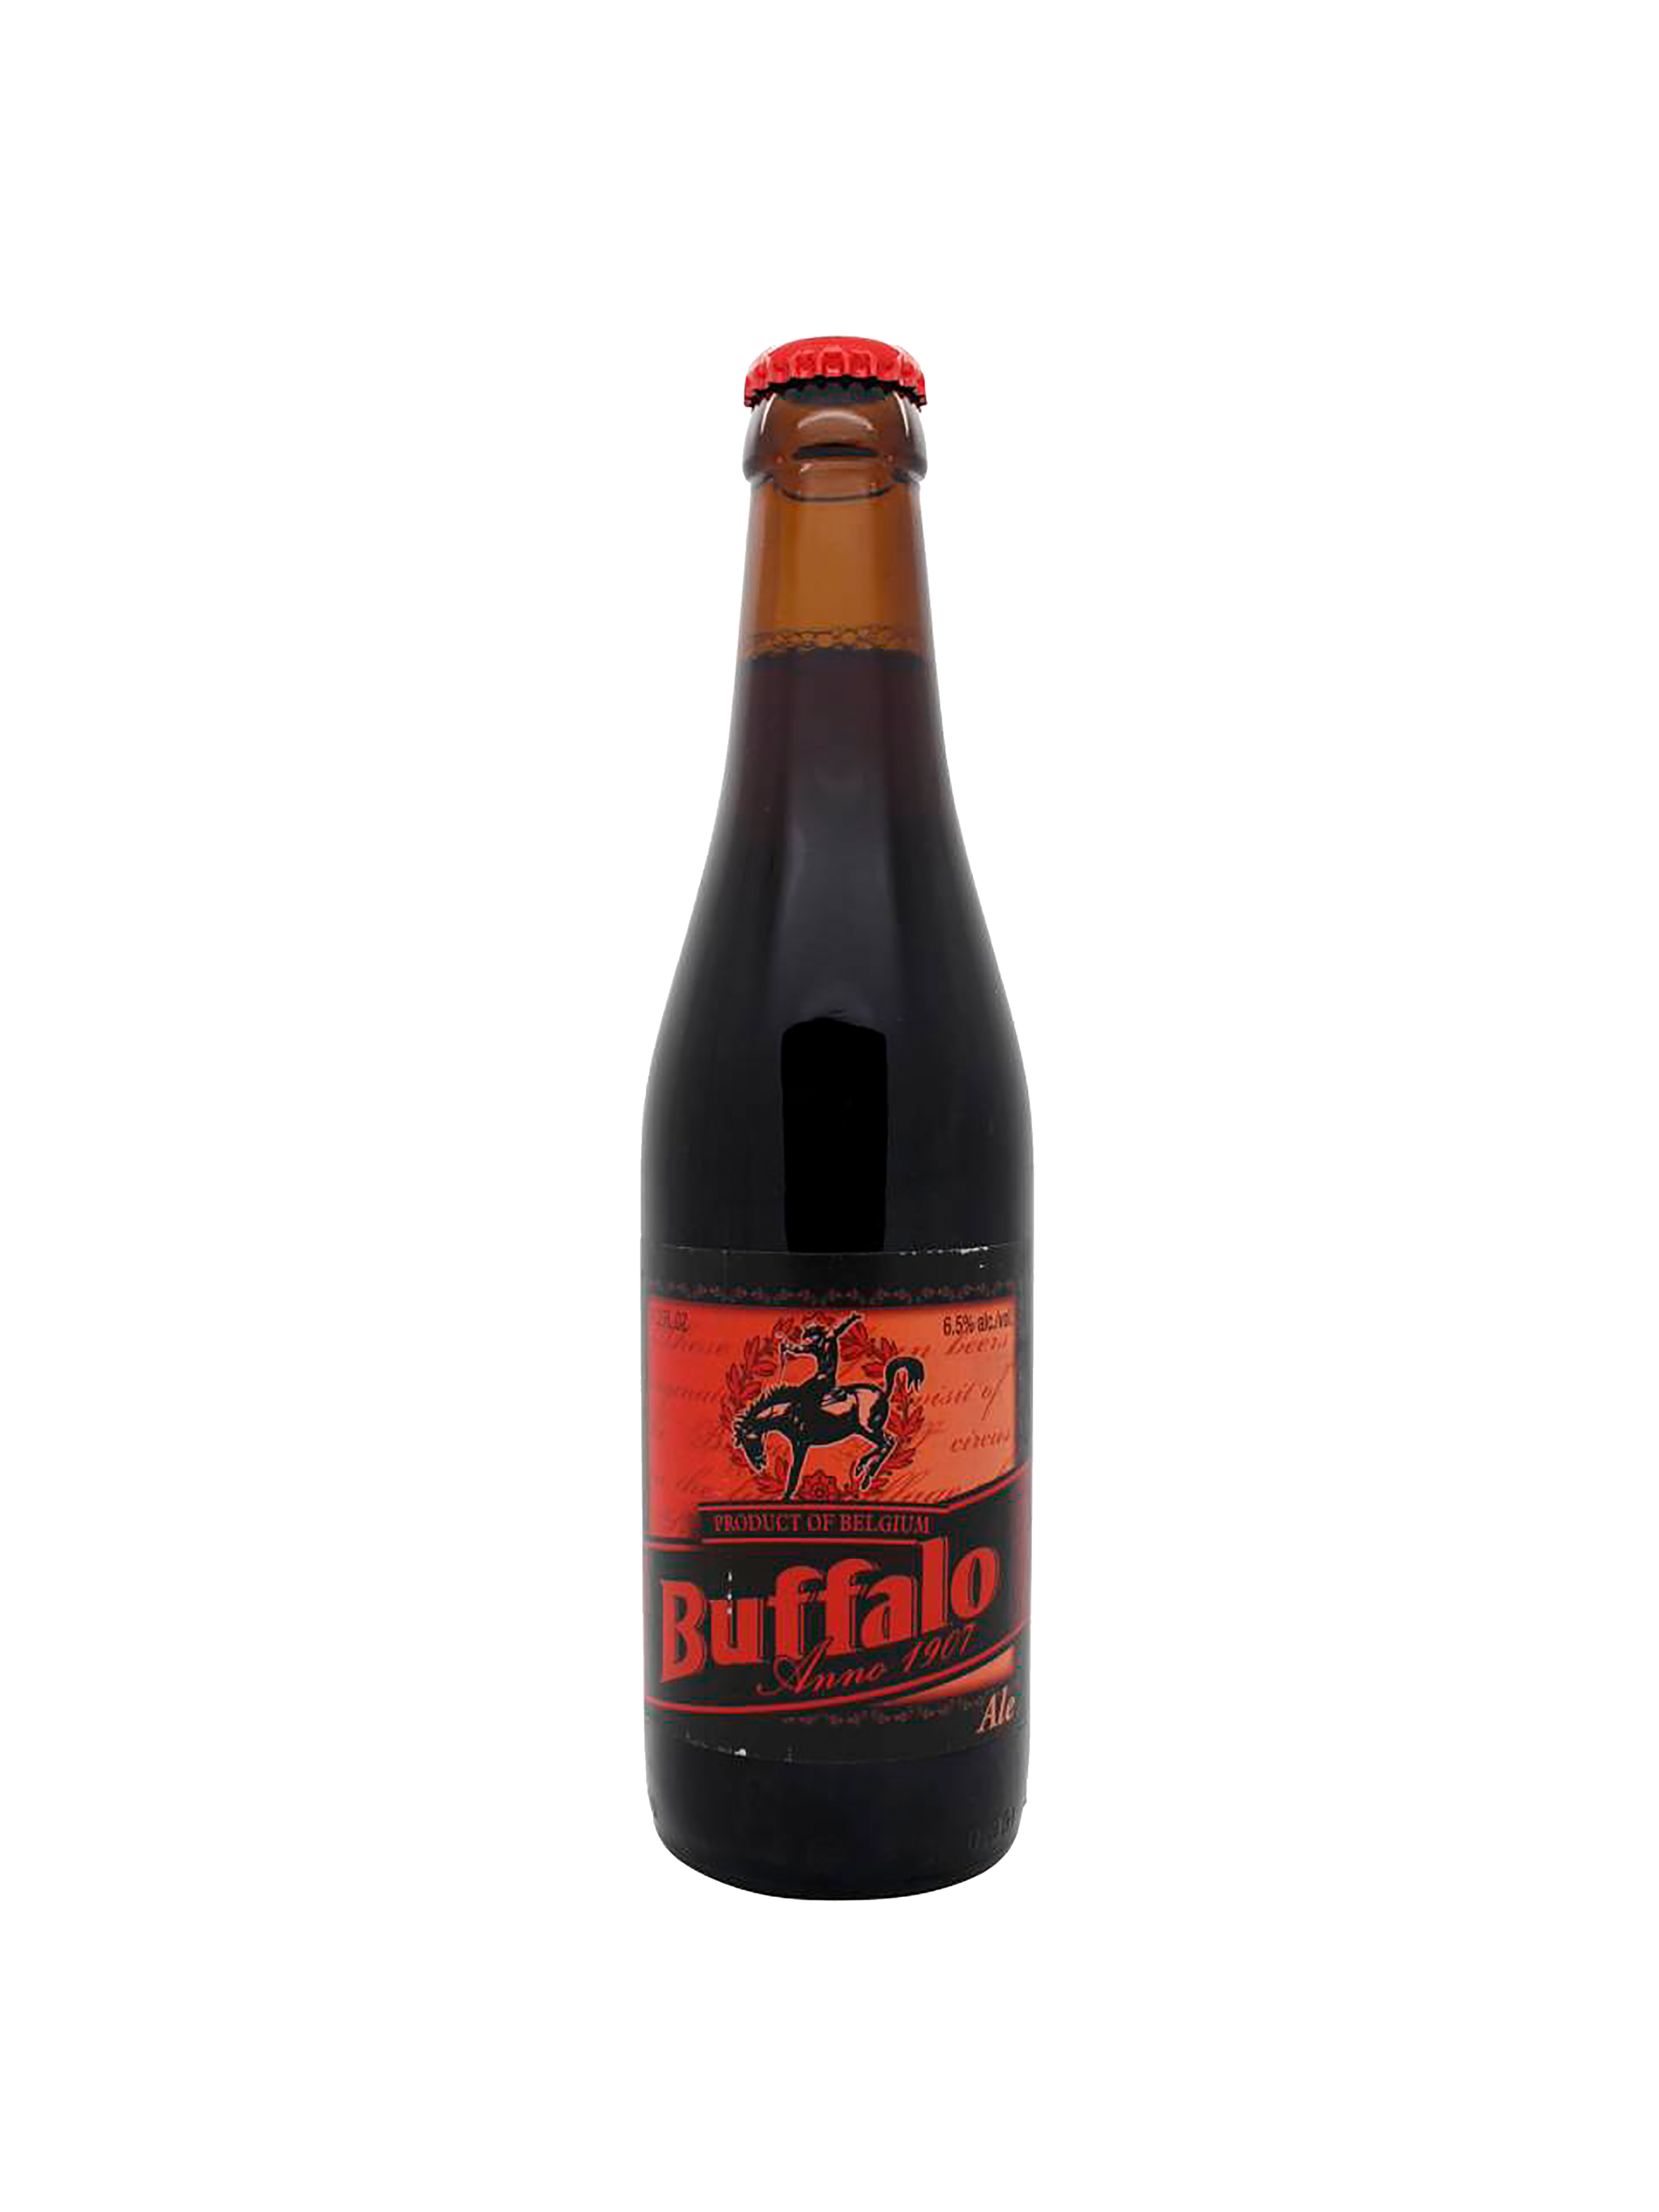 Bottiglia di birra color nero, con etichetta rossa con scritte rosse e nere